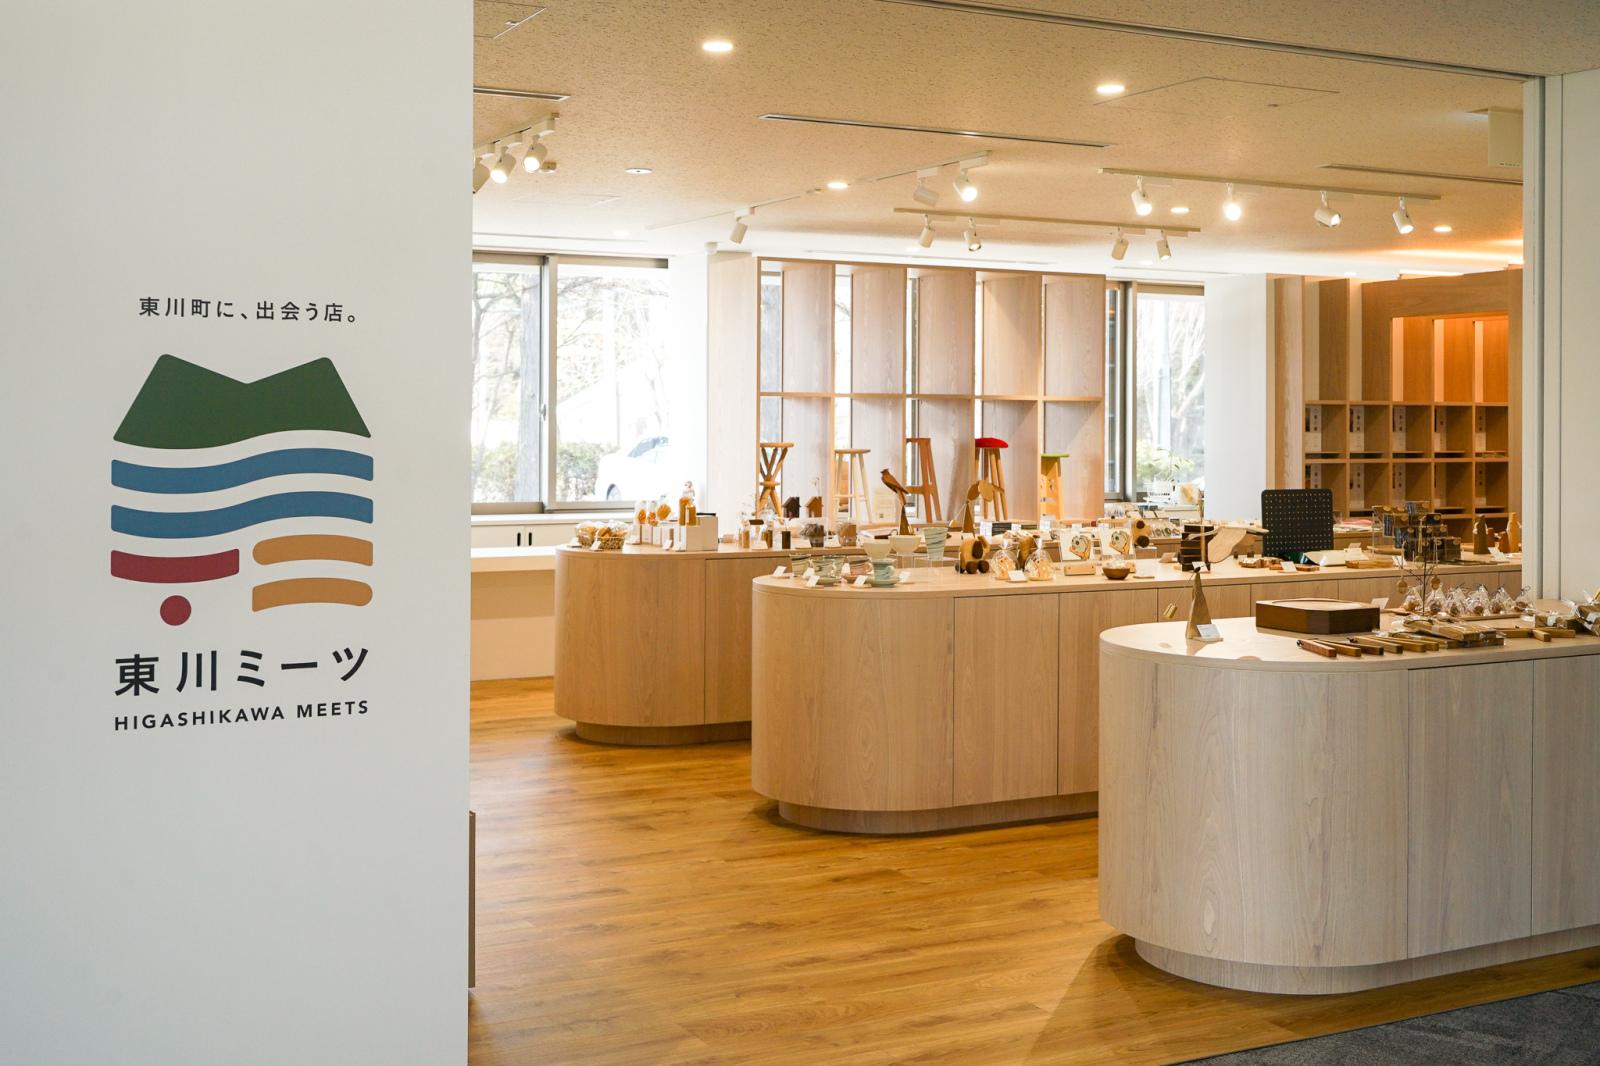 オープンしたばかりの『東川ミーツ せんとぴゅあⅡ店』。